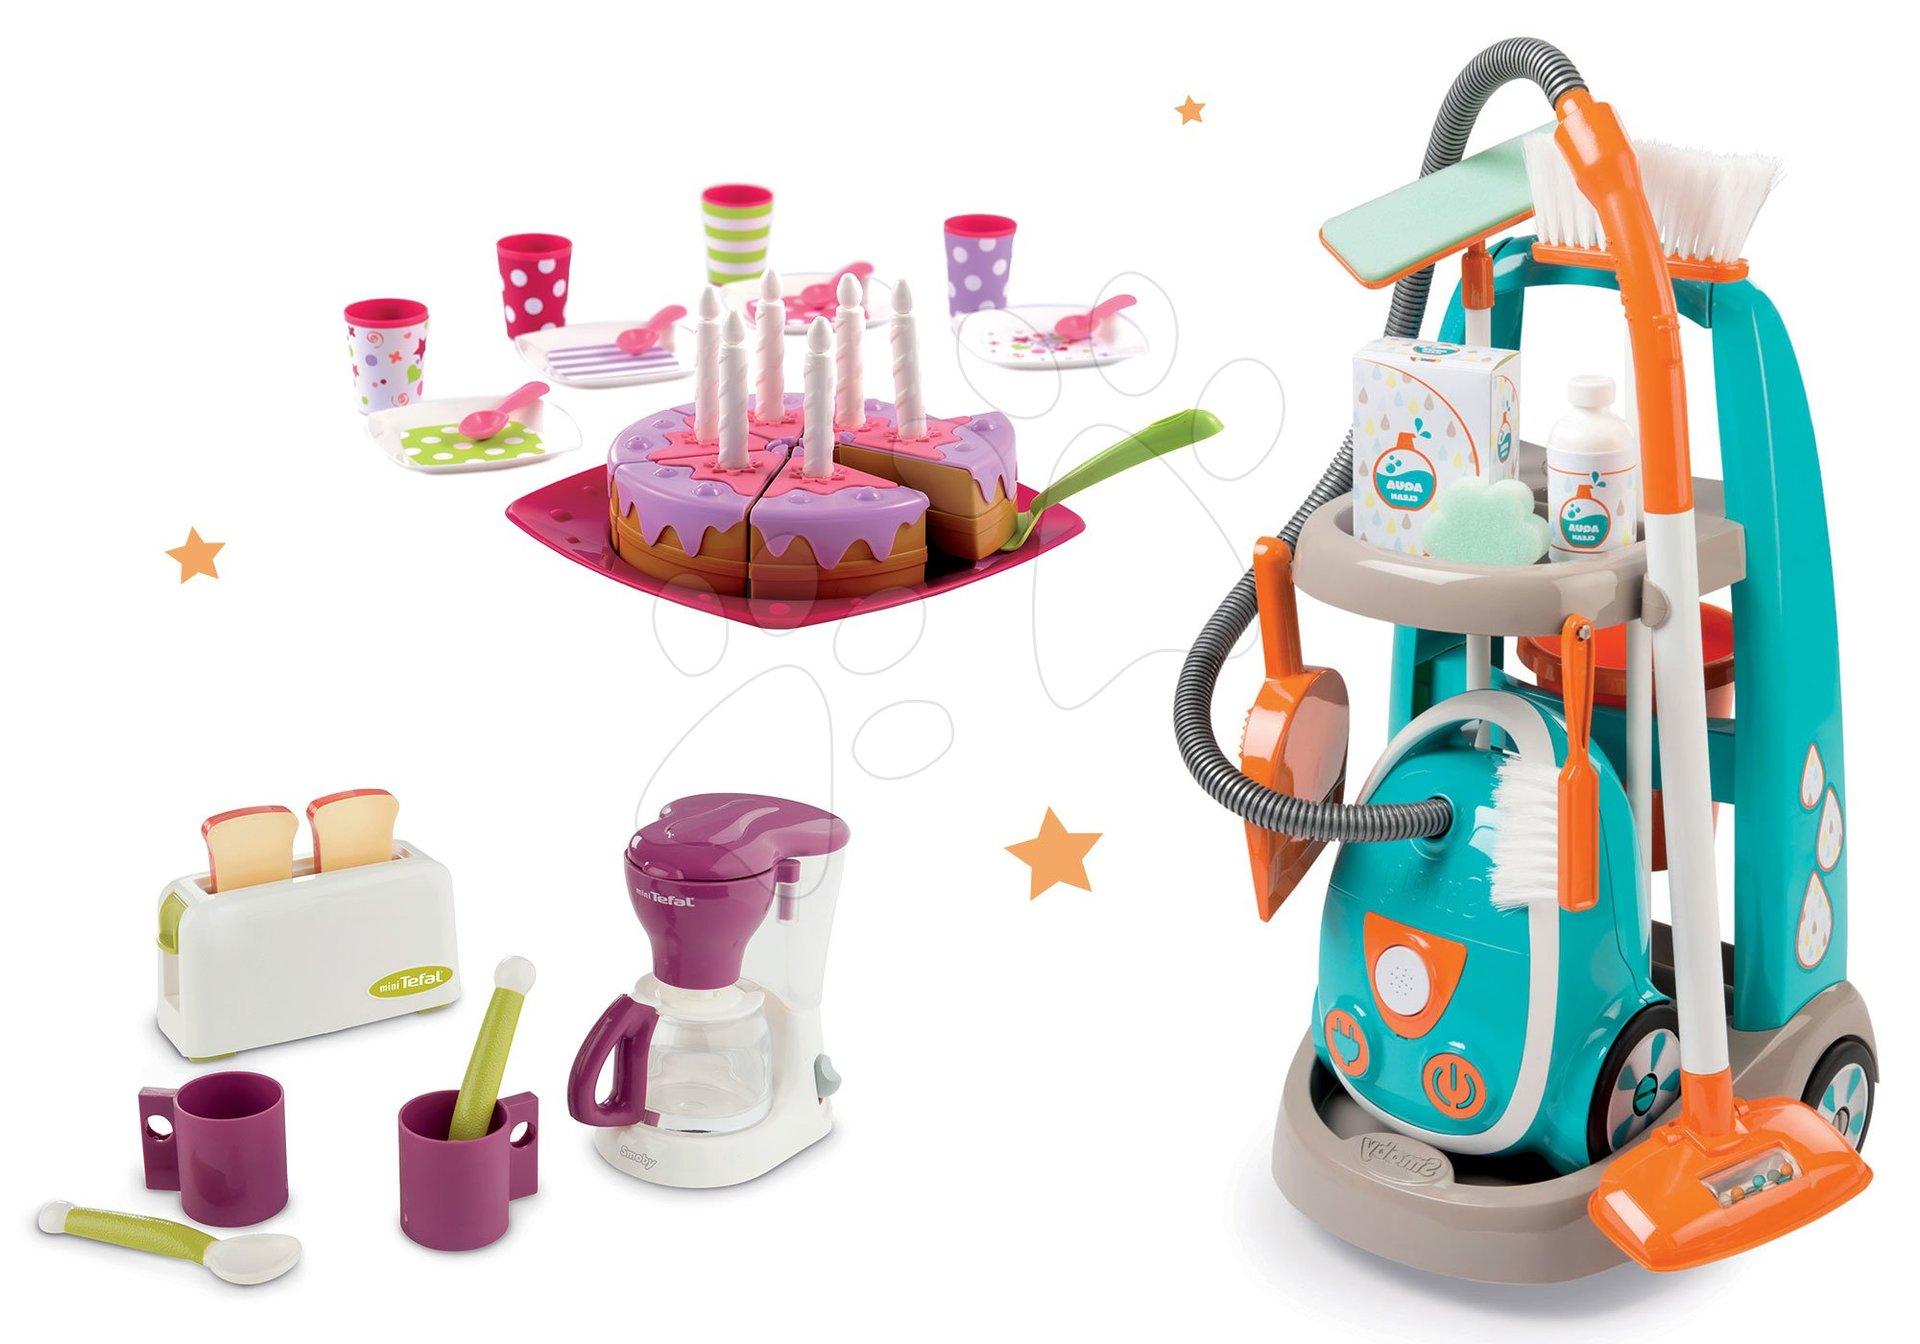 Hry na domácnosť - Set upratovací vozík s elektronickým vysávačom Vacuum Cleaner Smoby a čajová súprava s toasterom kávovarom a narodeninovou tortou